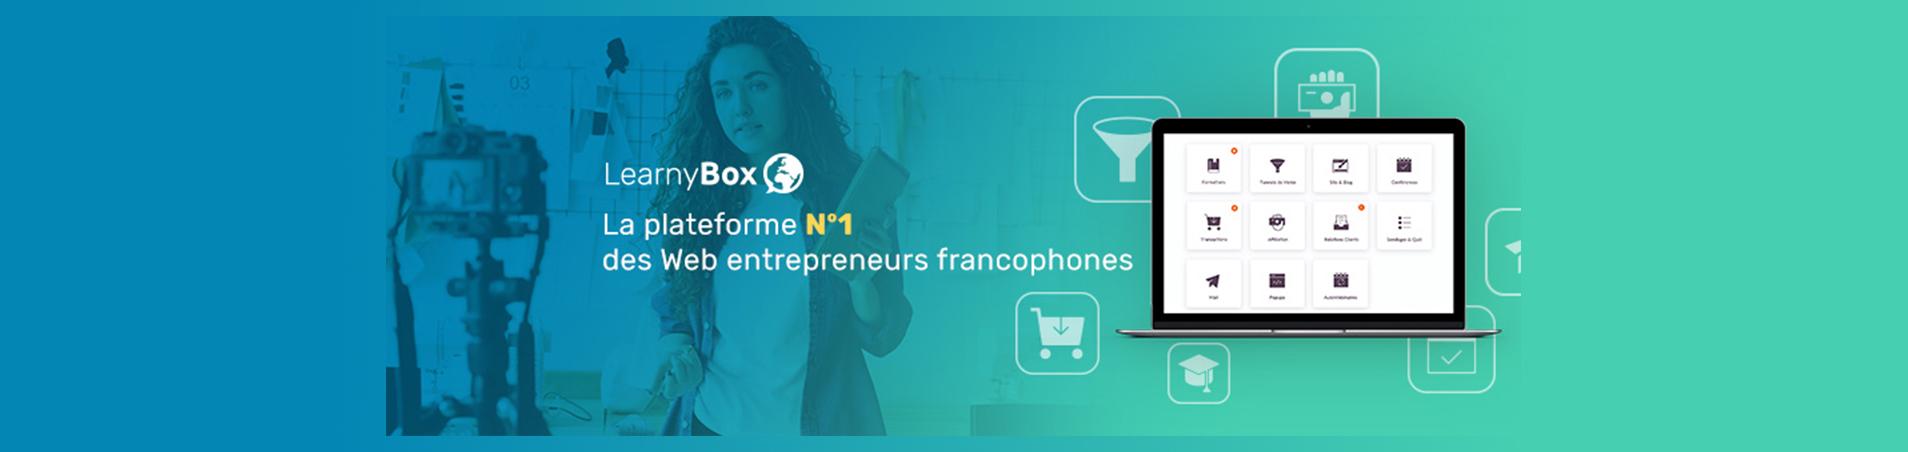 learnybox formation en ligne